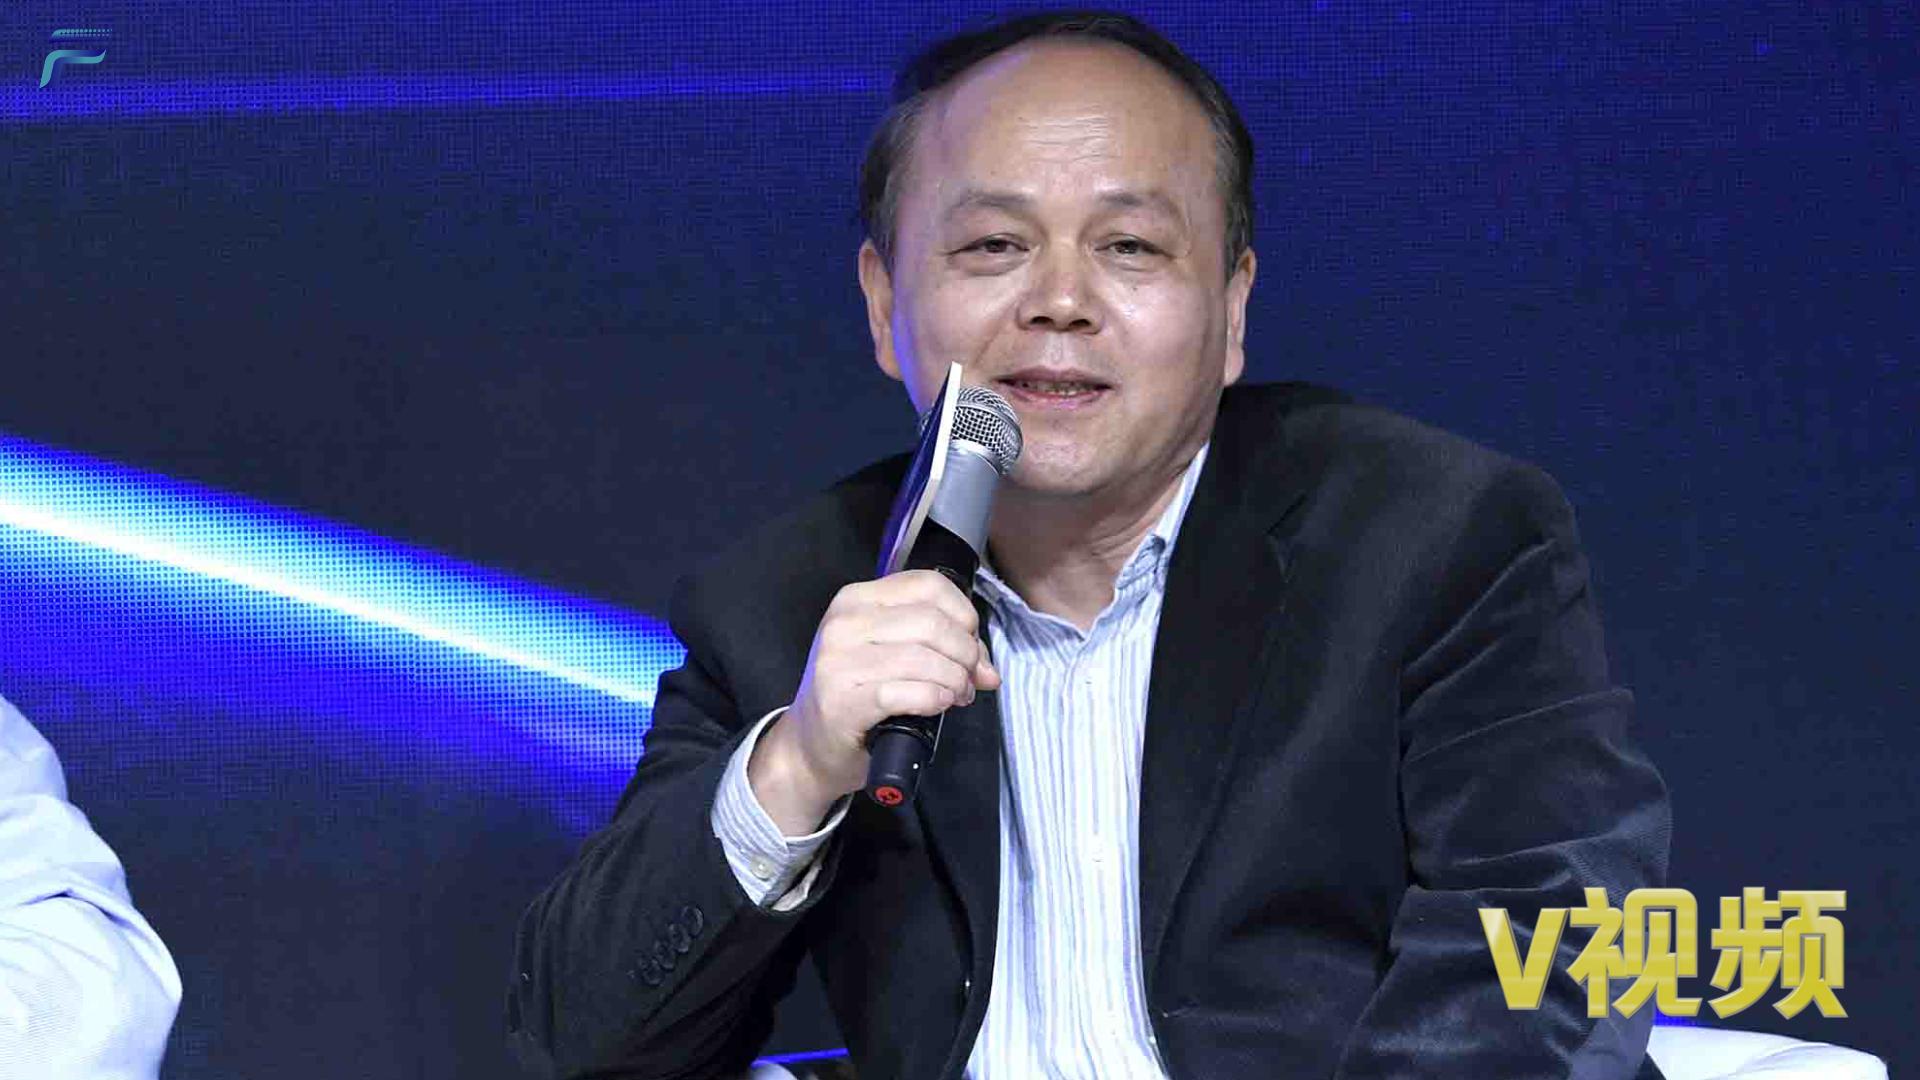 陈耀:还存在哪些阻碍民营经济发展的因素?